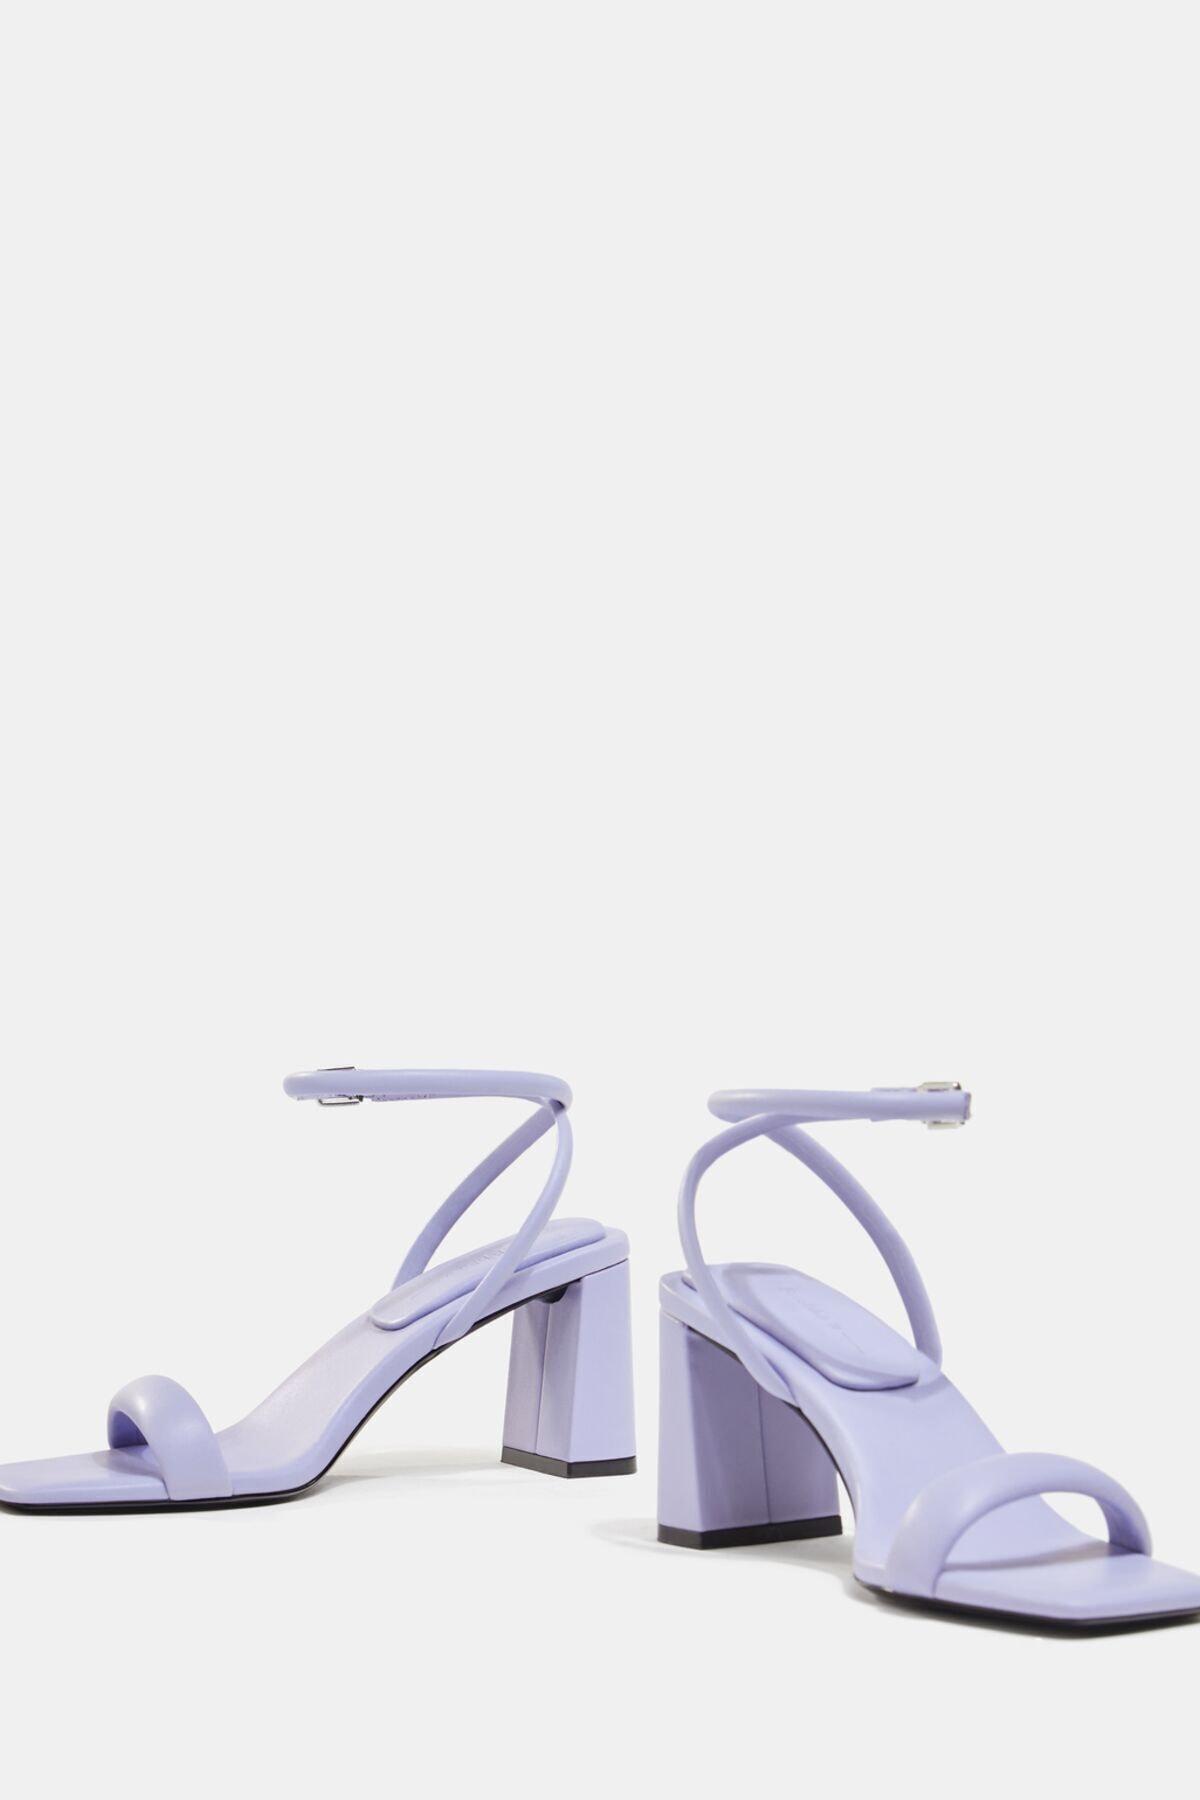 Bershka Kadın Mor Dolgulu Bantlı Topuklu Sandalet 1